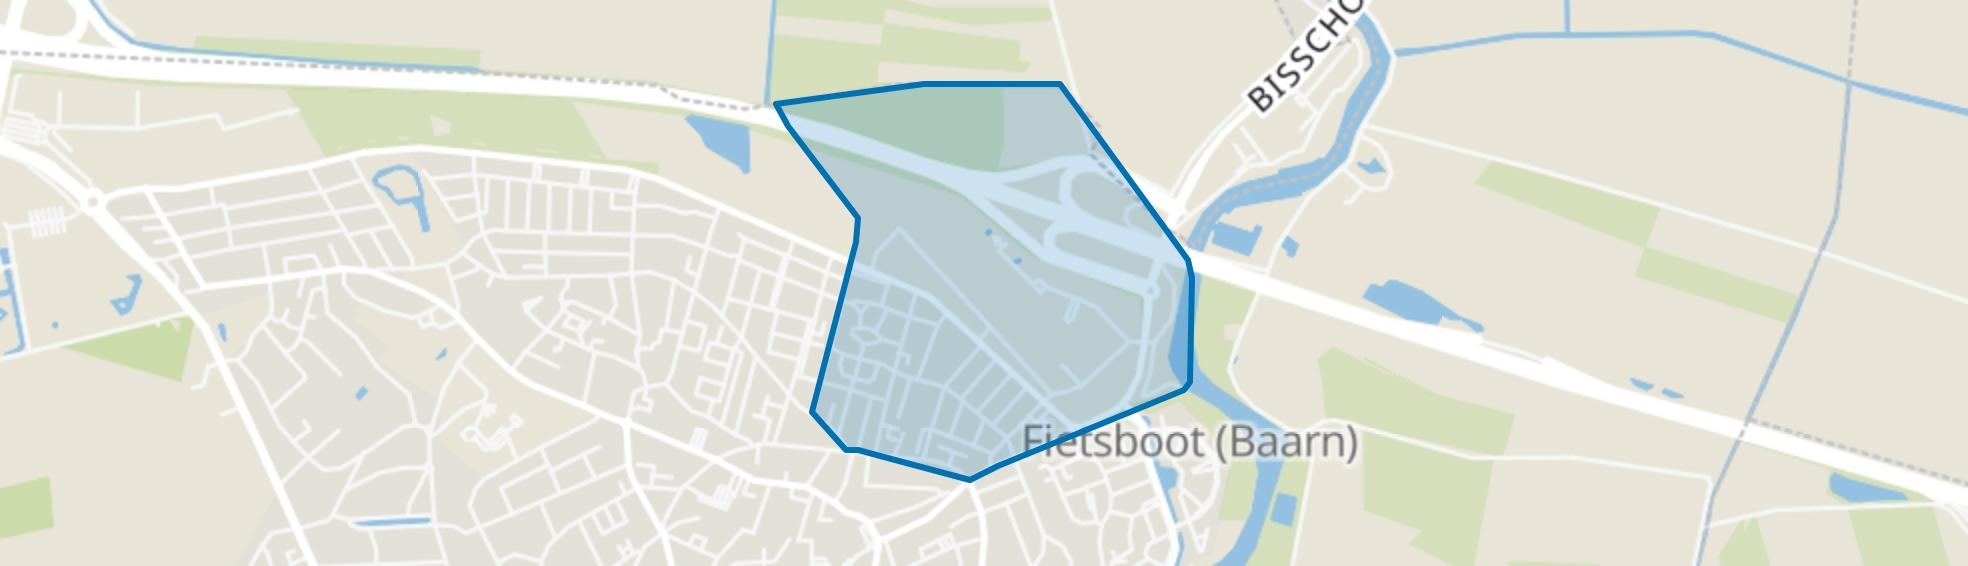 Schilderswijk, Baarn map